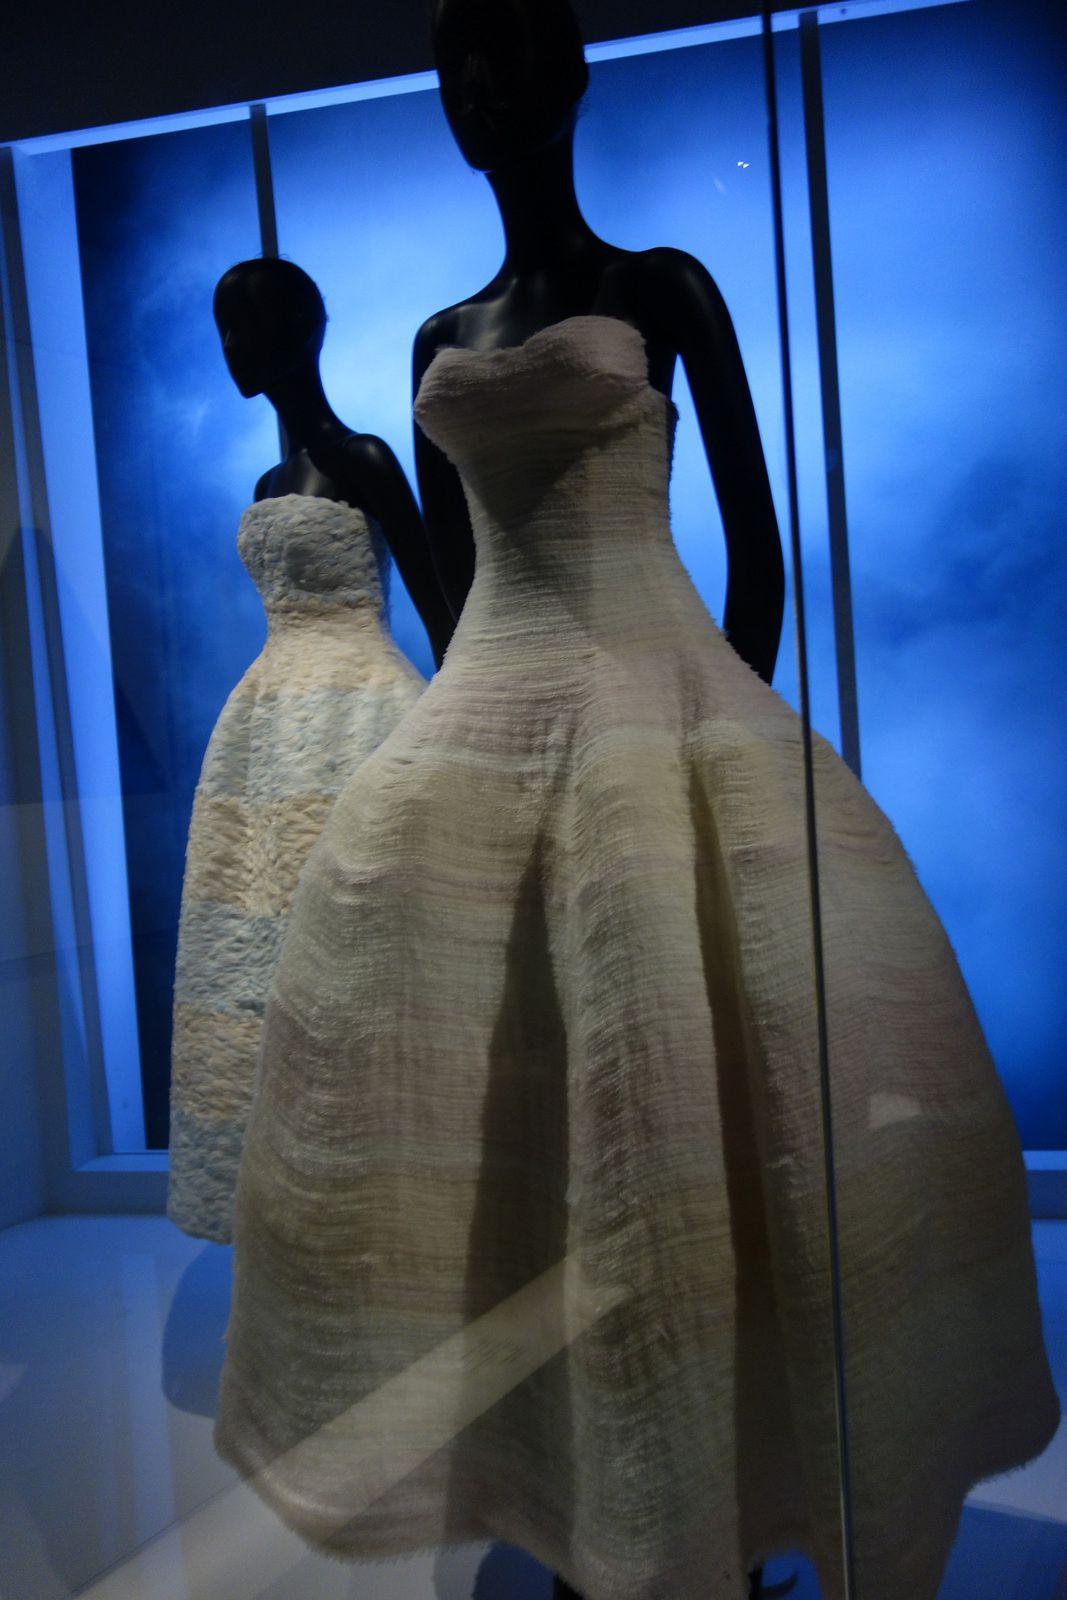 La robe New look; silhouette de femme-fleur à la jupe ample en corolle et le buste étroit en forme de calice